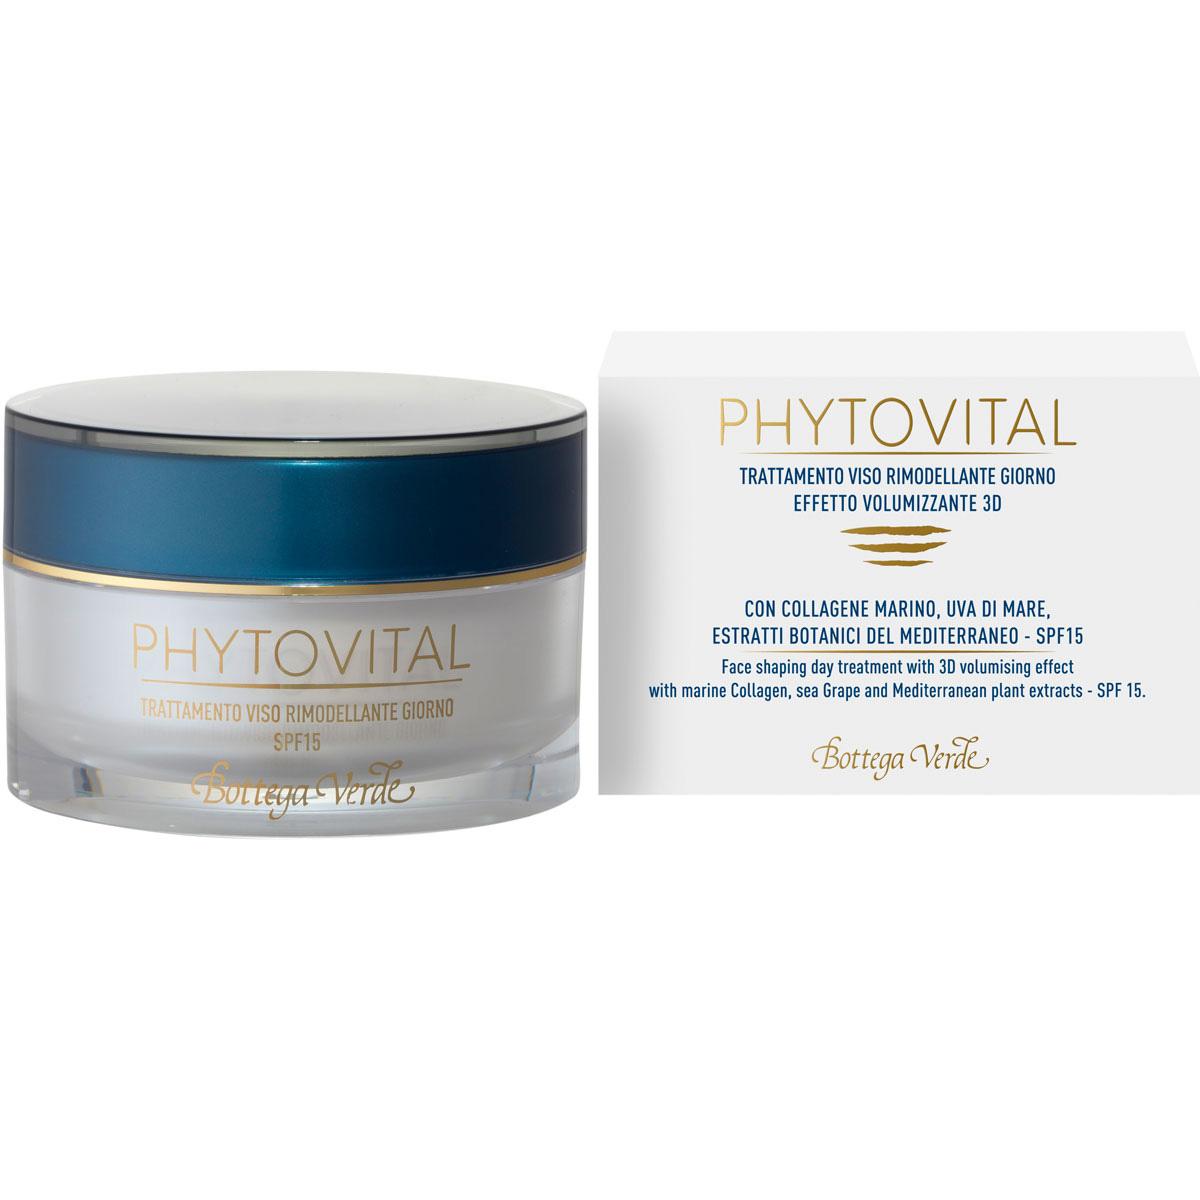 Phytovital - Tratament de zi pentru fata cu colagen marin si extracte botanice